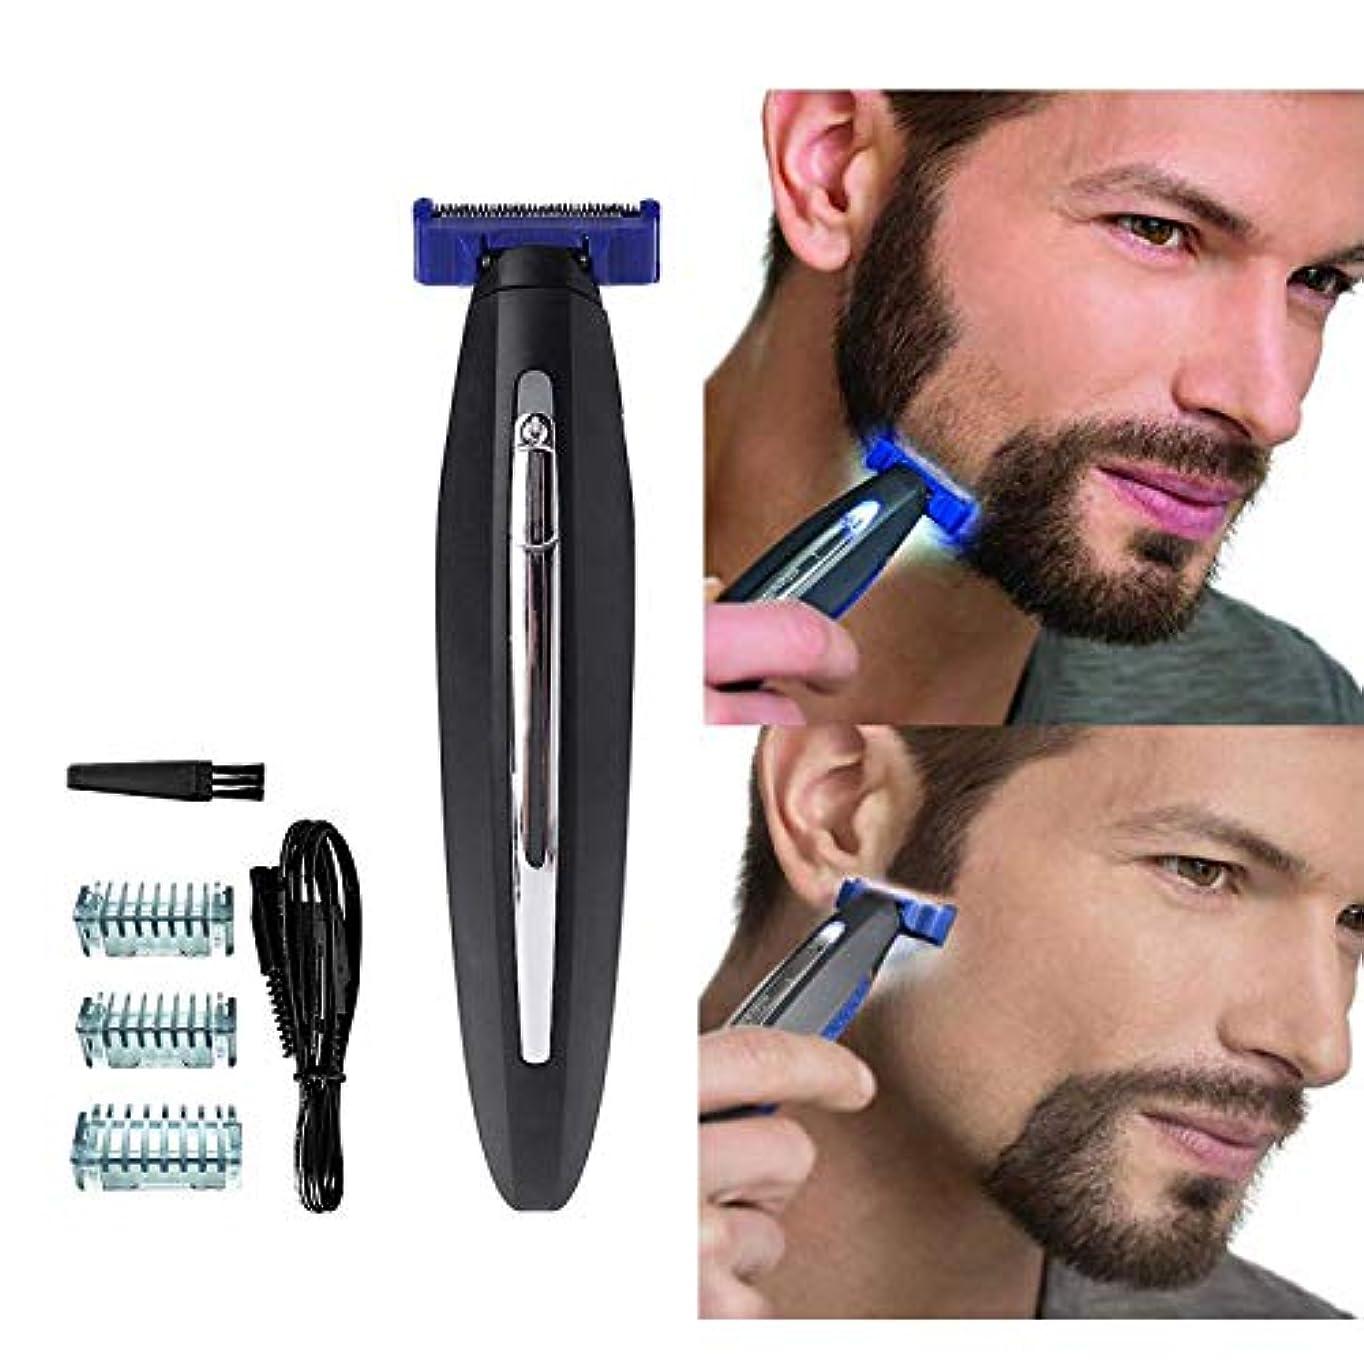 反逆者電話する遅れ男性のための電気かみそり、髪のクリーニングシェーバートリマーと防水スマートかみそり、男性のための眉毛のひげのフェイシャルとボディヘアーのための毛の除去剤, black